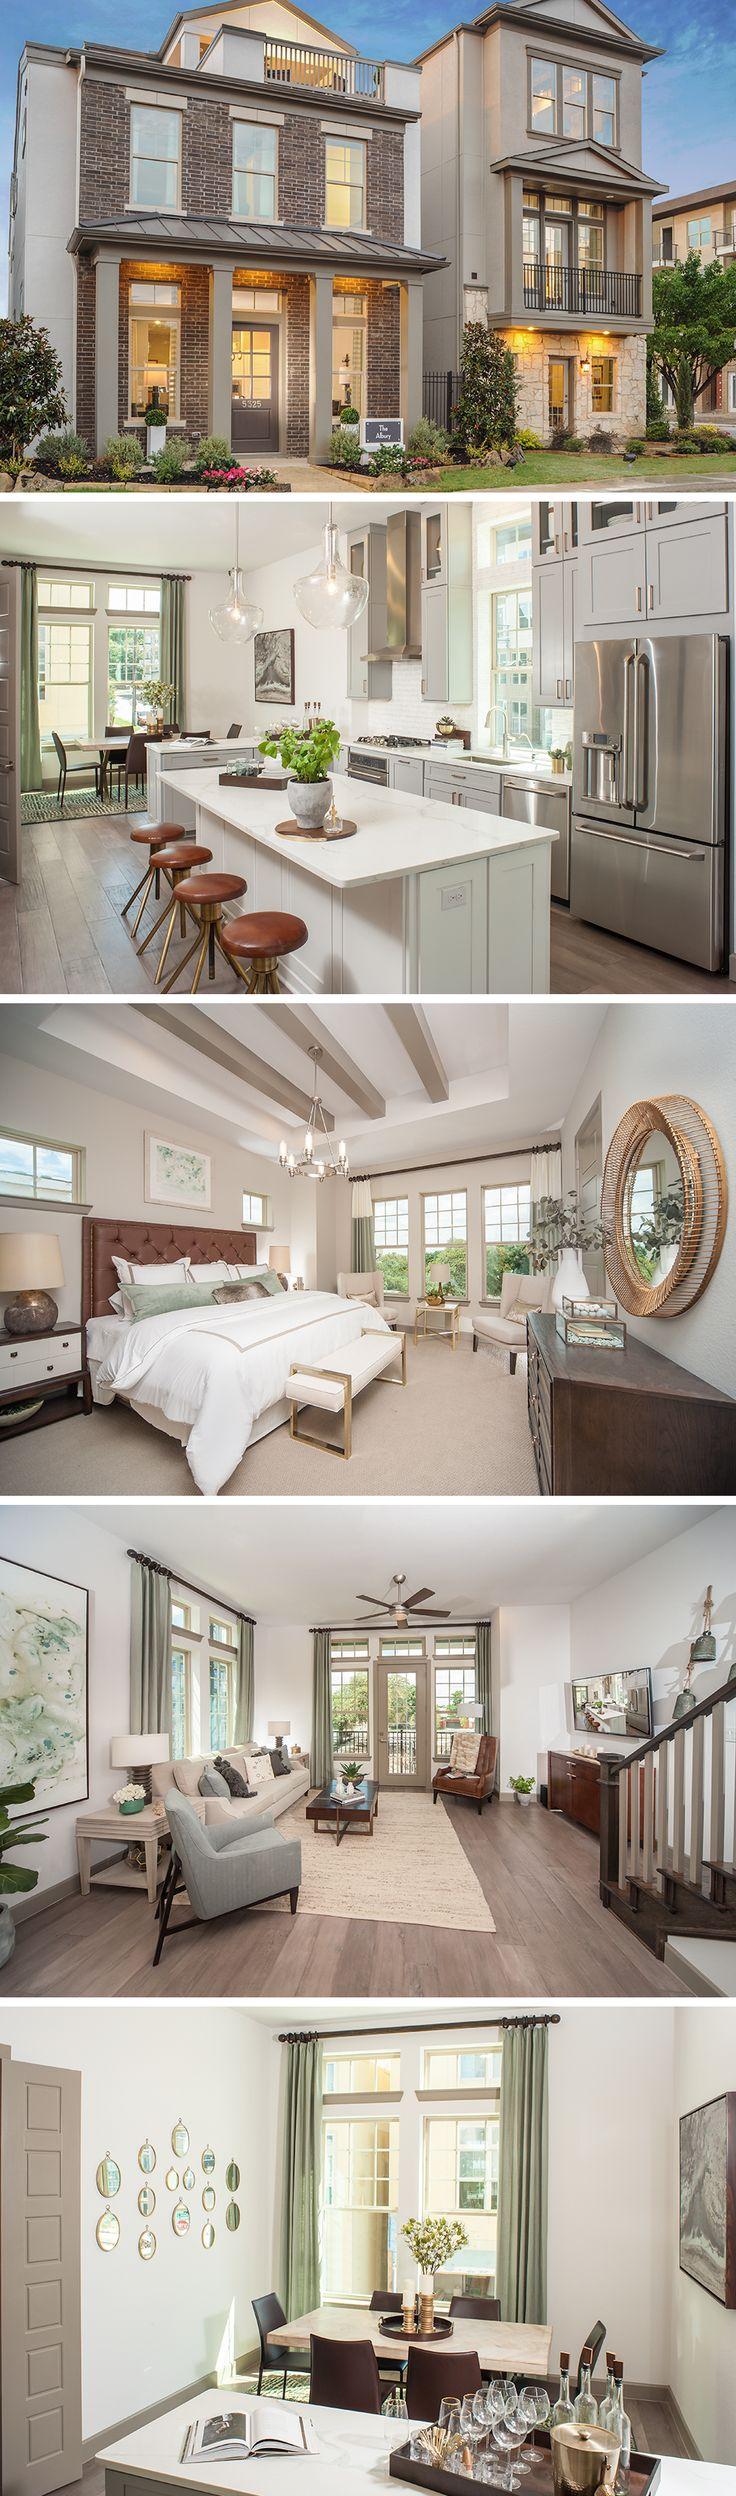 502 besten Houses Bilder auf Pinterest | Landhausstil Häuser, Balkon ...